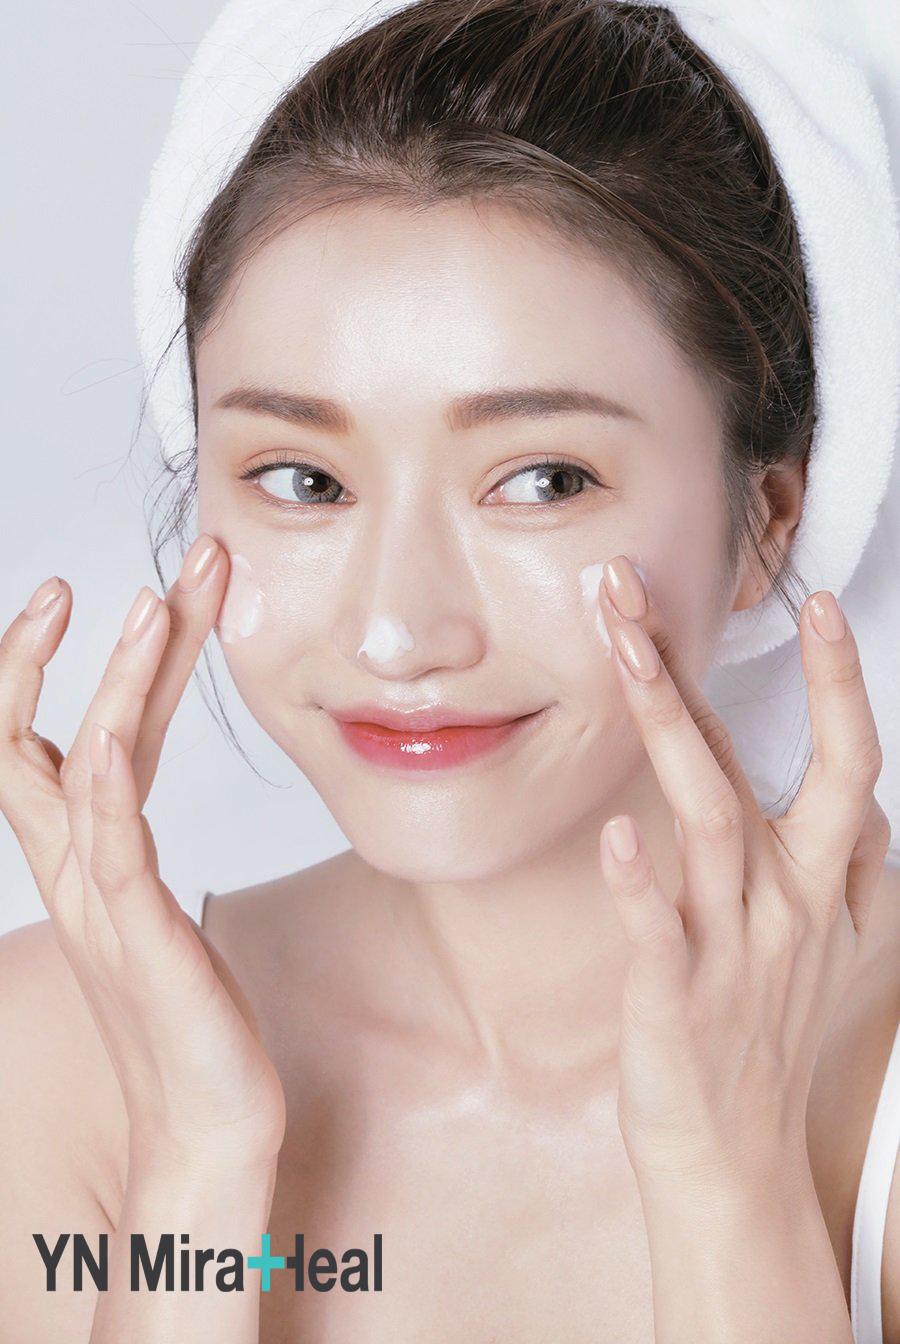 kem duong am 1 - Những loại kem dưỡng ẩm da tốt nhất phù hợp theo từng loại da